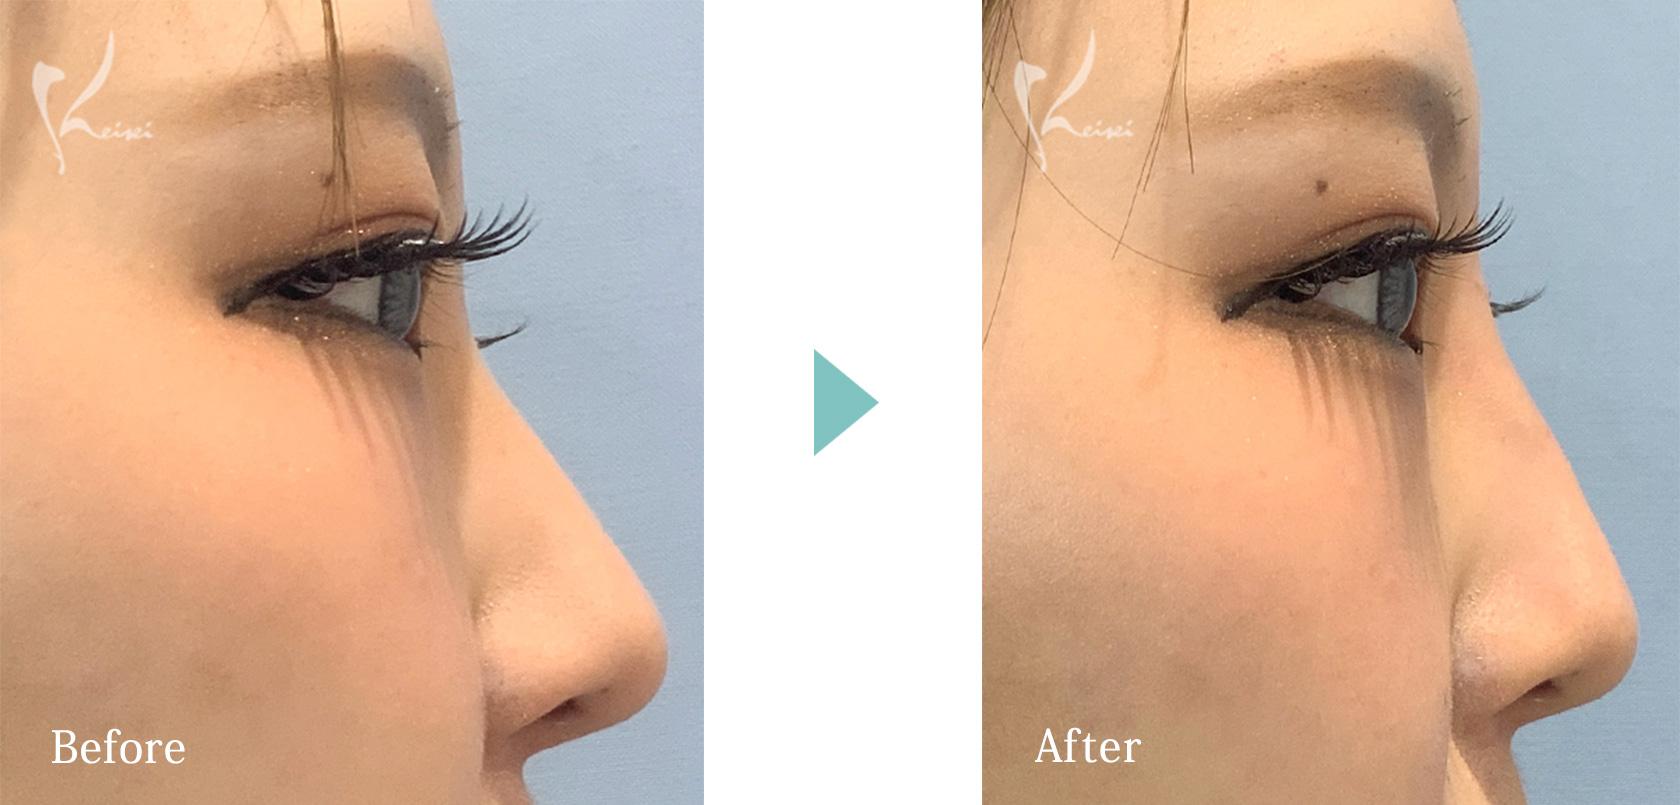 鼻ヒアルロン酸注入の症例1 正面からの画像